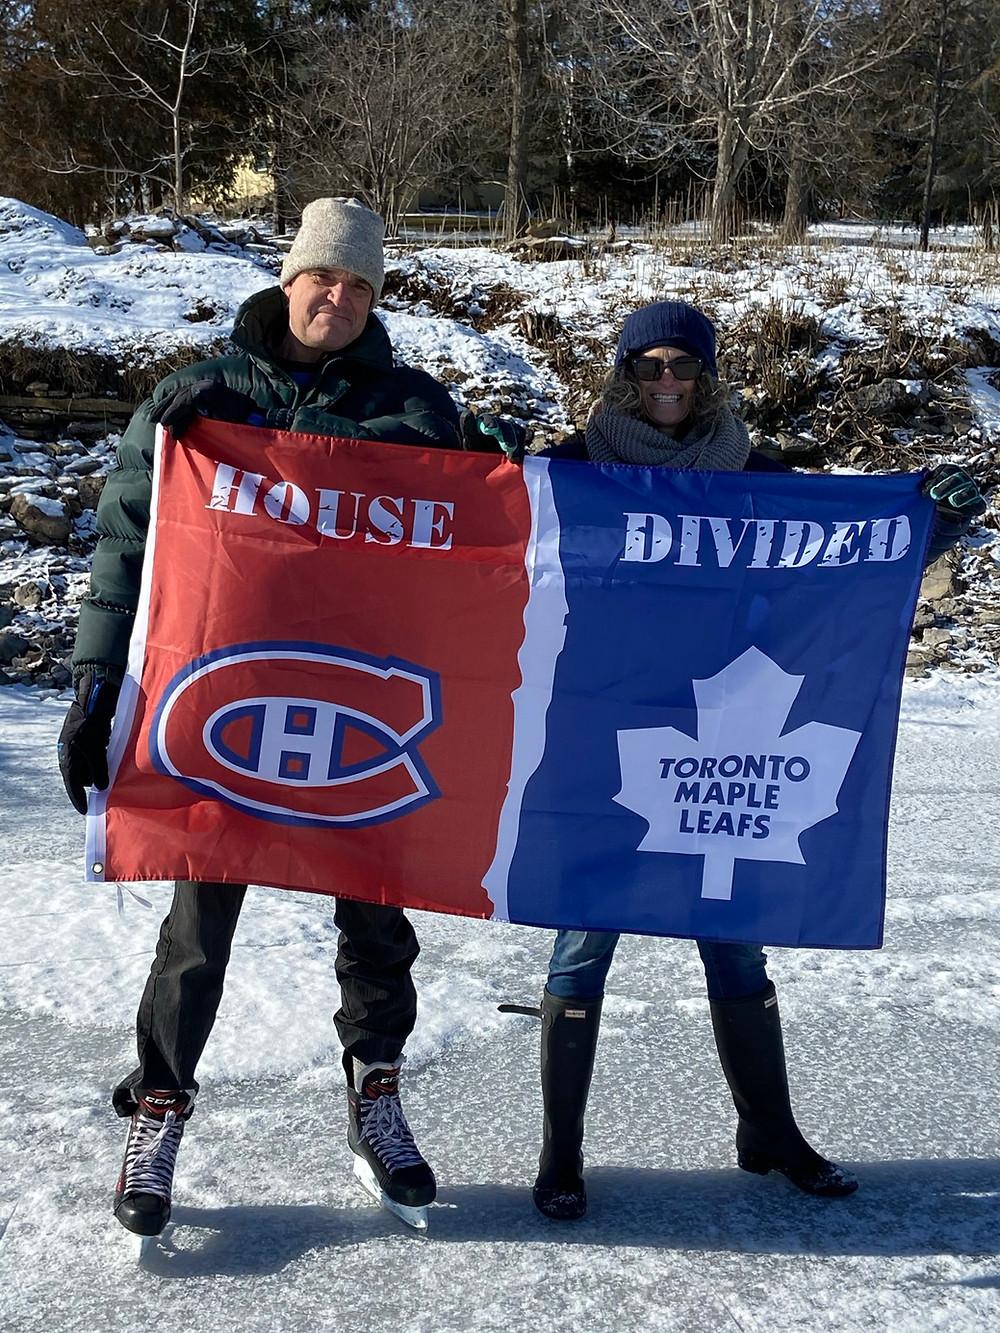 Habs Leafs flag